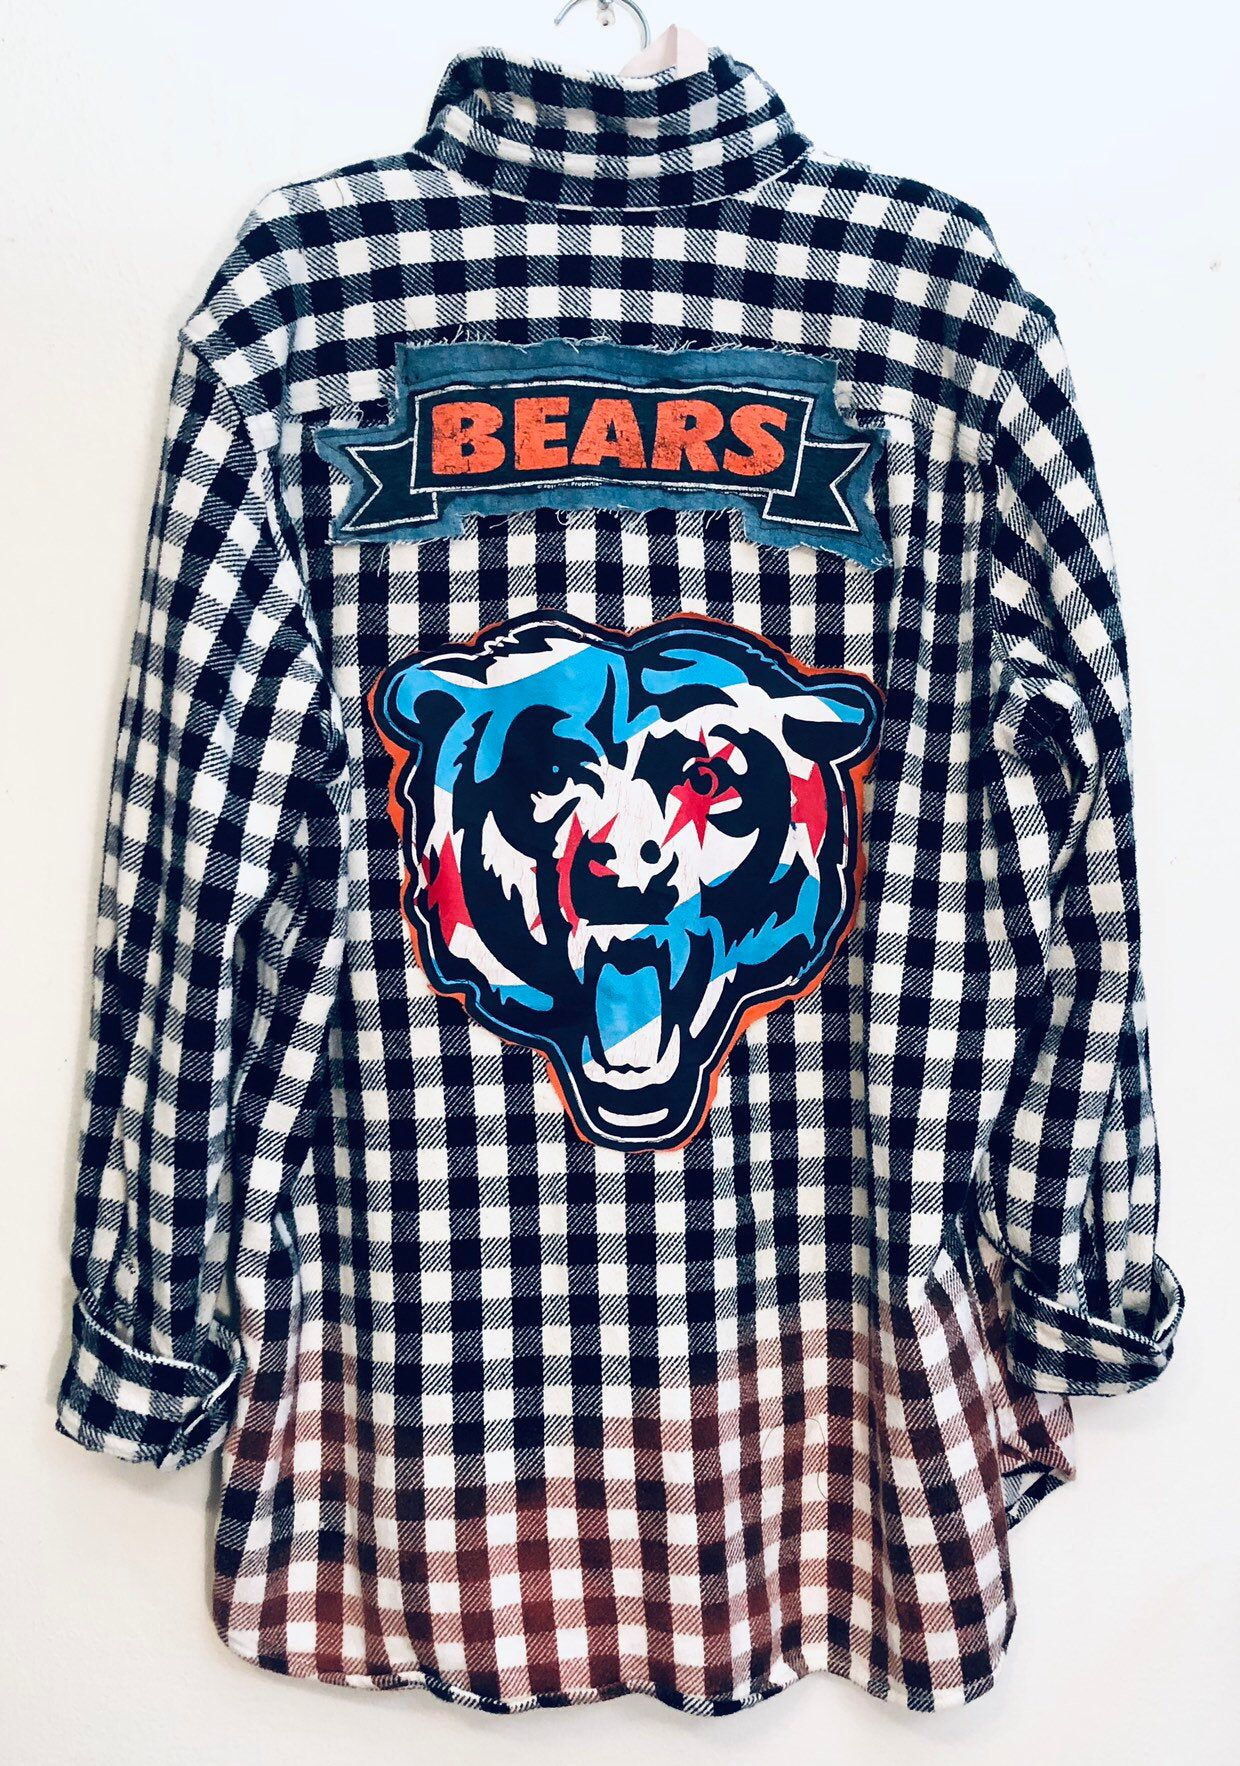 Super grunge retro chicago Bears grunge style Sports